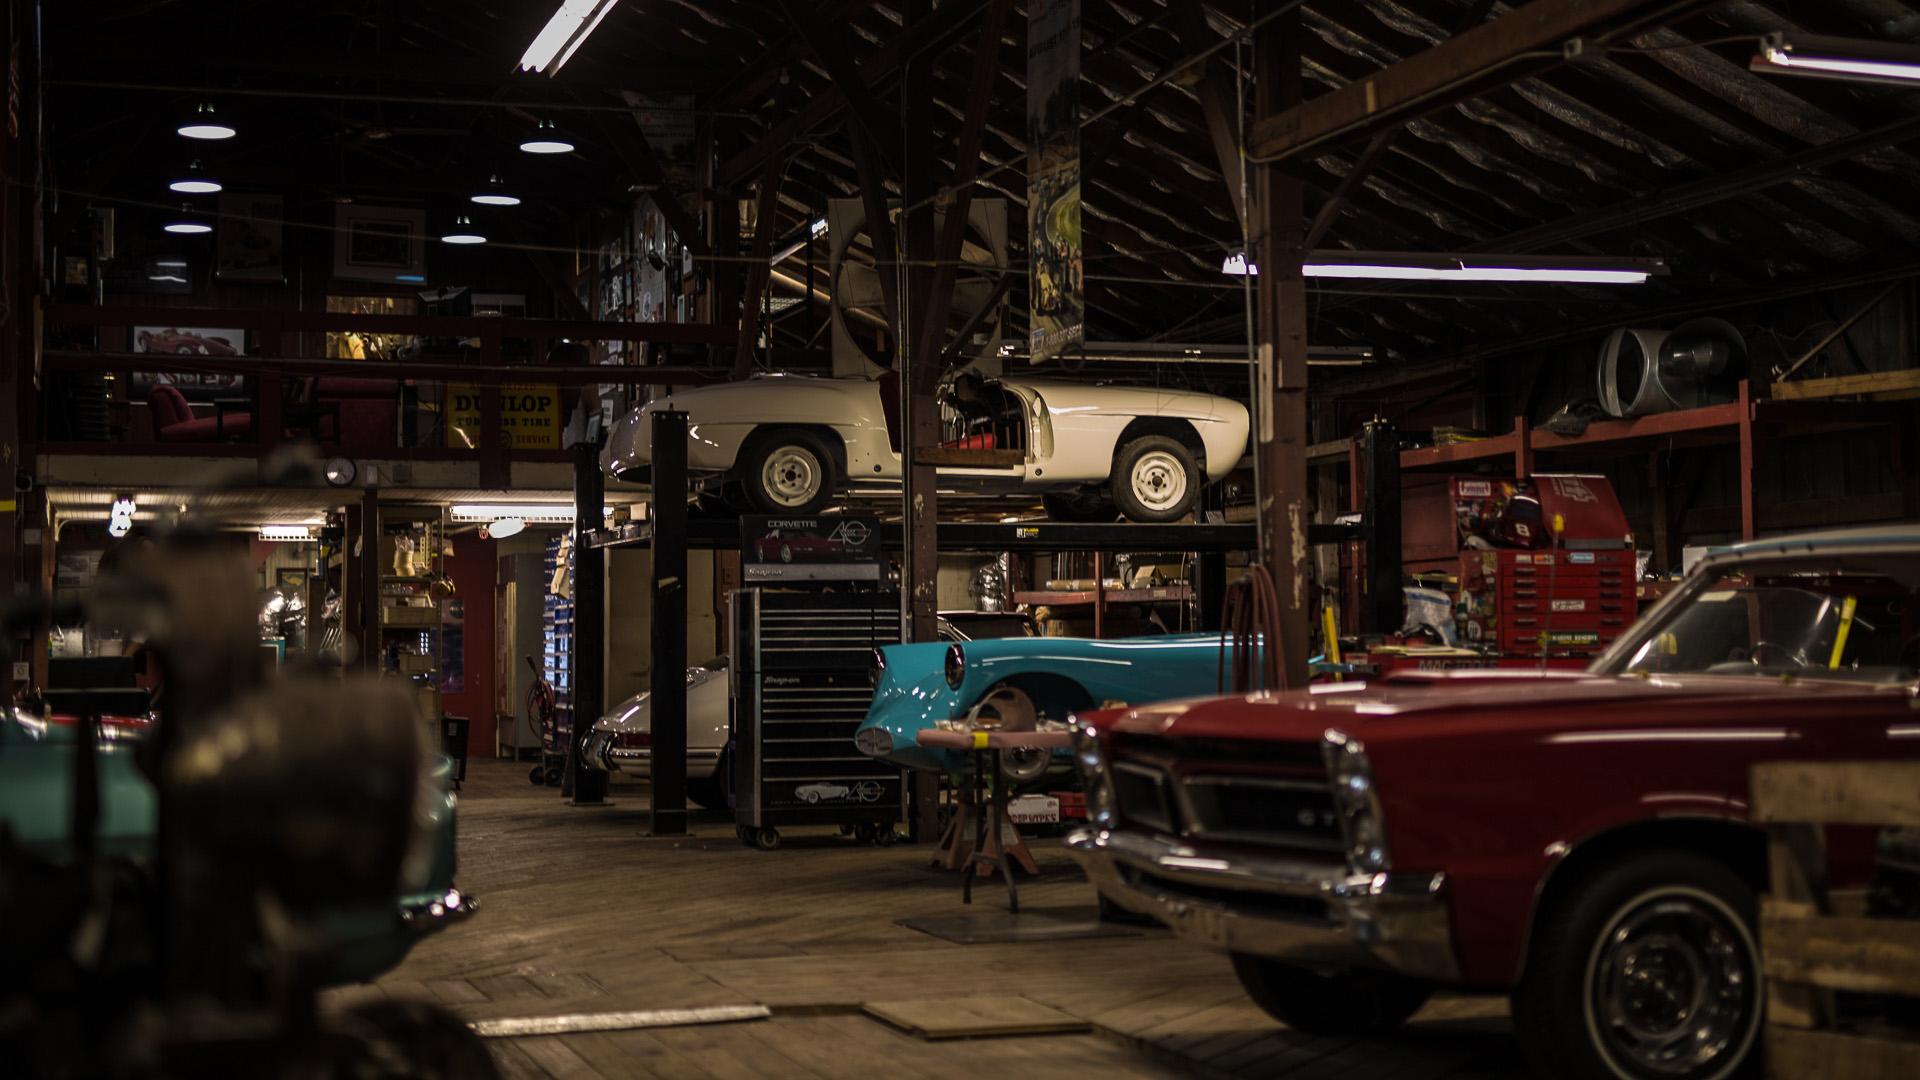 Muscle Car 4k Wallpaper Nyerem 233 Nyj 225 T 233 K Bhpgumi Blog